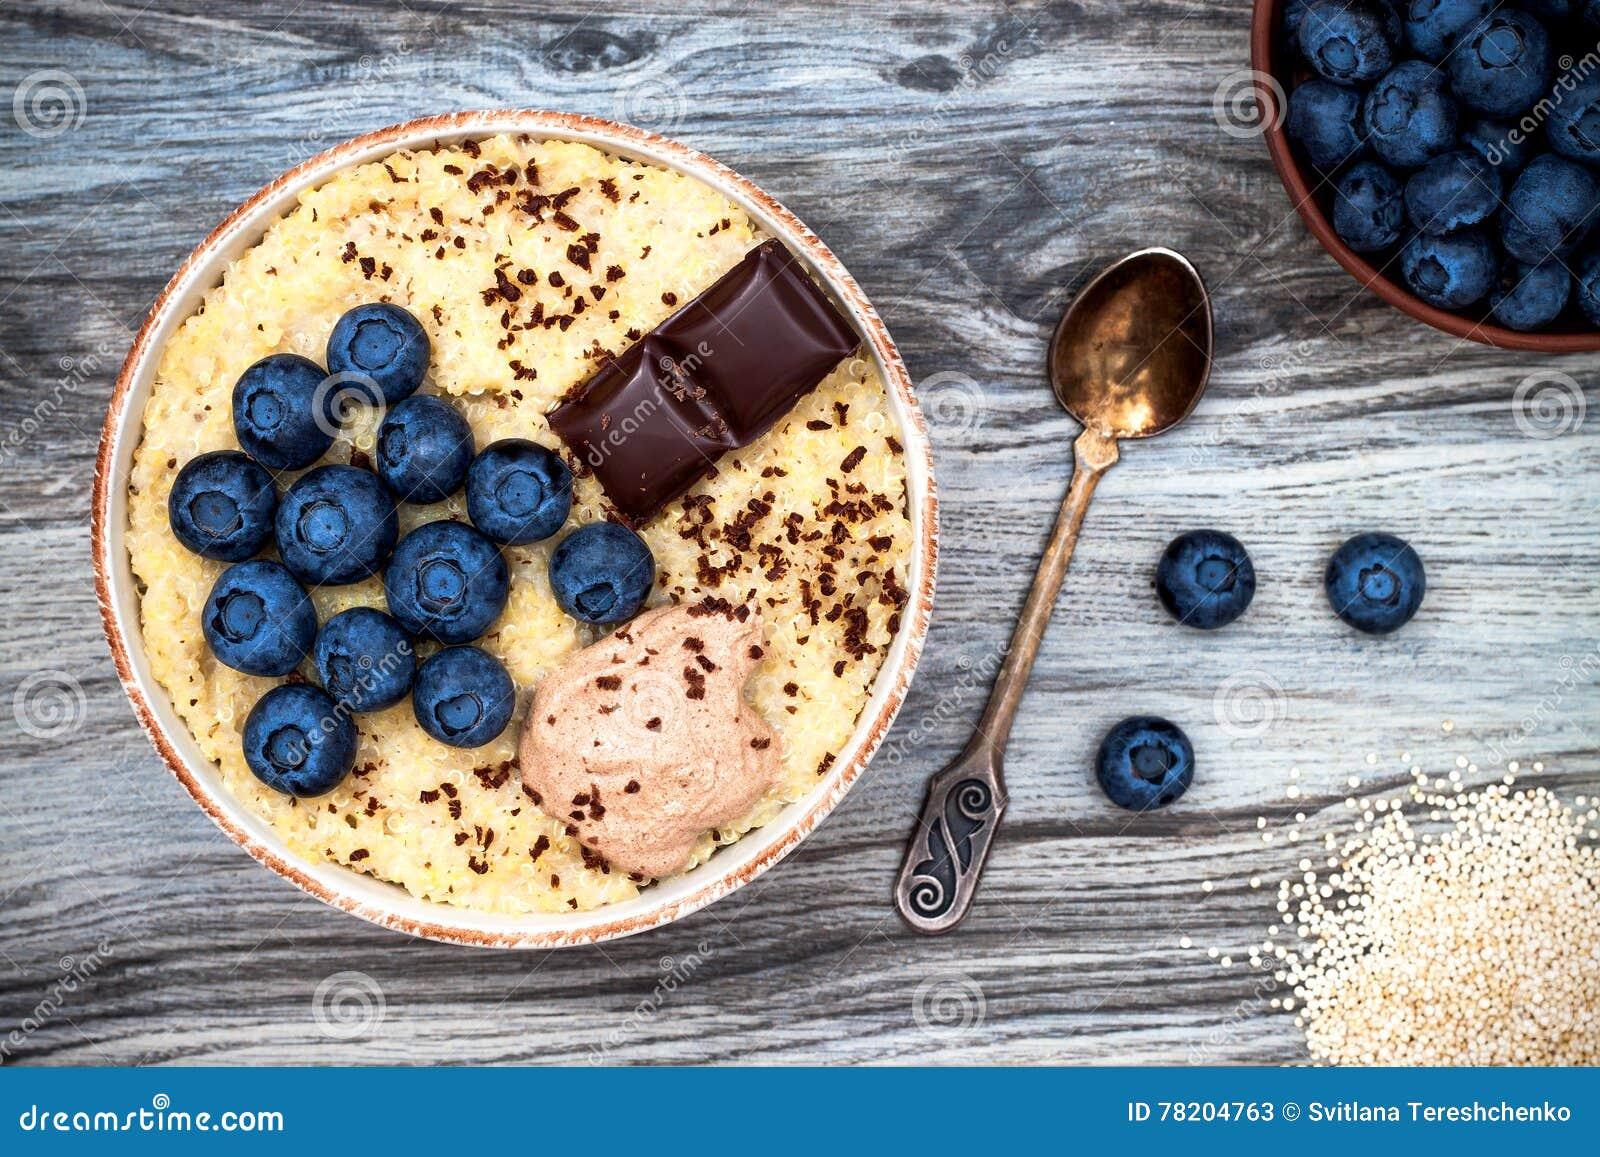 Freier Amarant des Glutens und Quinoabreifrühstück rollen mit Blaubeeren und Schokolade über rustikalem hölzernem Hintergrund